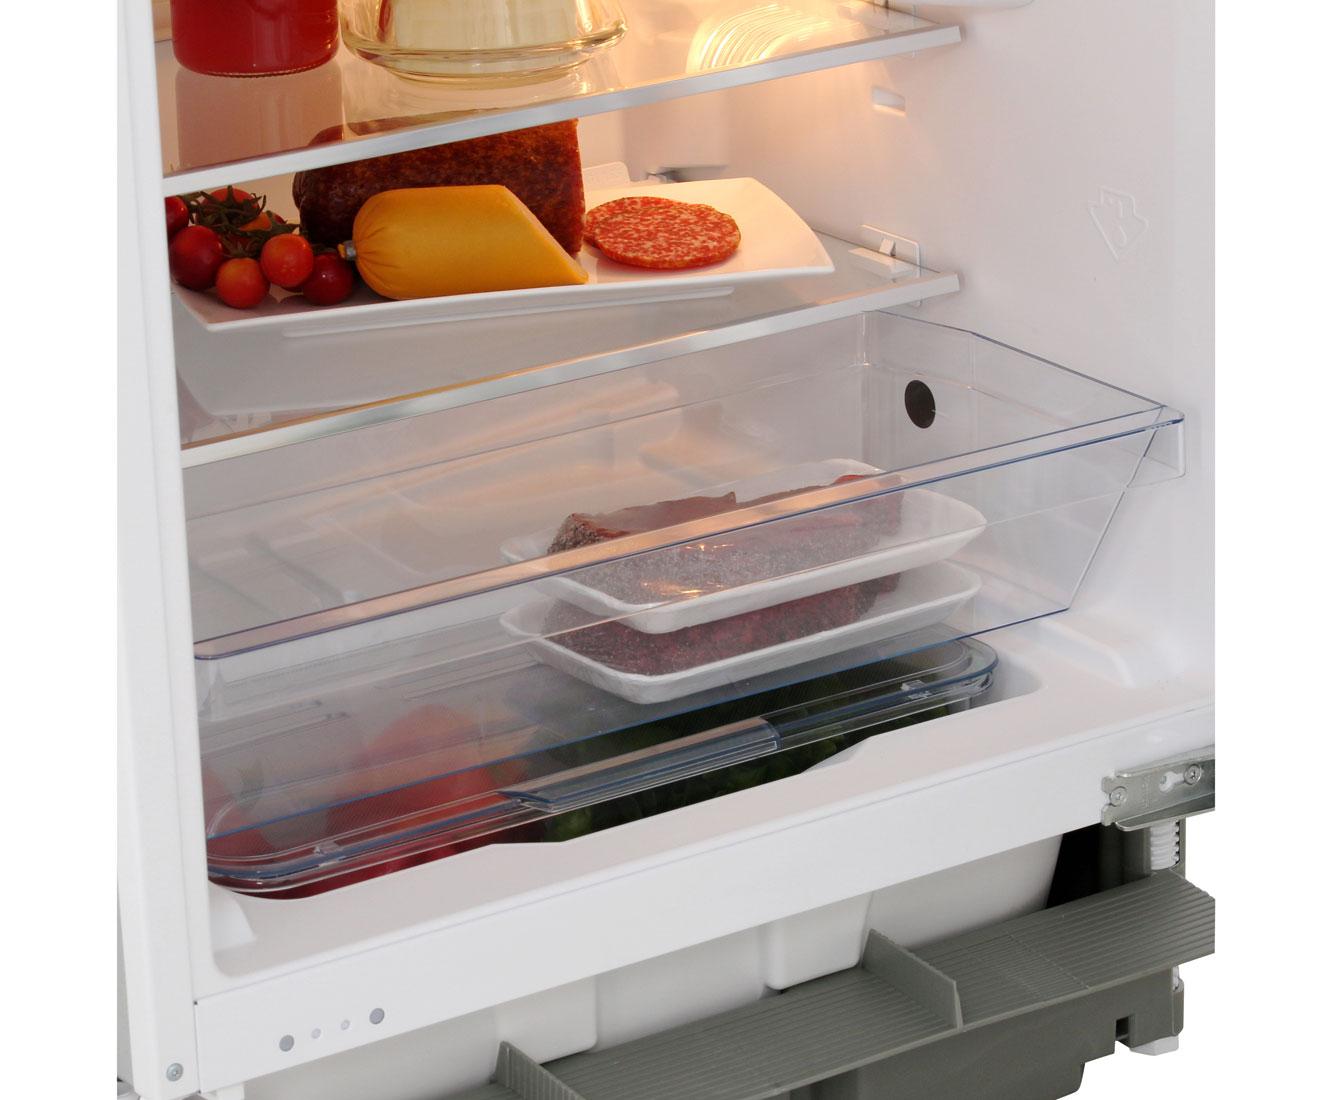 Bosch Unterbau Kühlschrank Kul15a65 : Bosch serie kul a einbau kühlschrank mit gefrierfach er